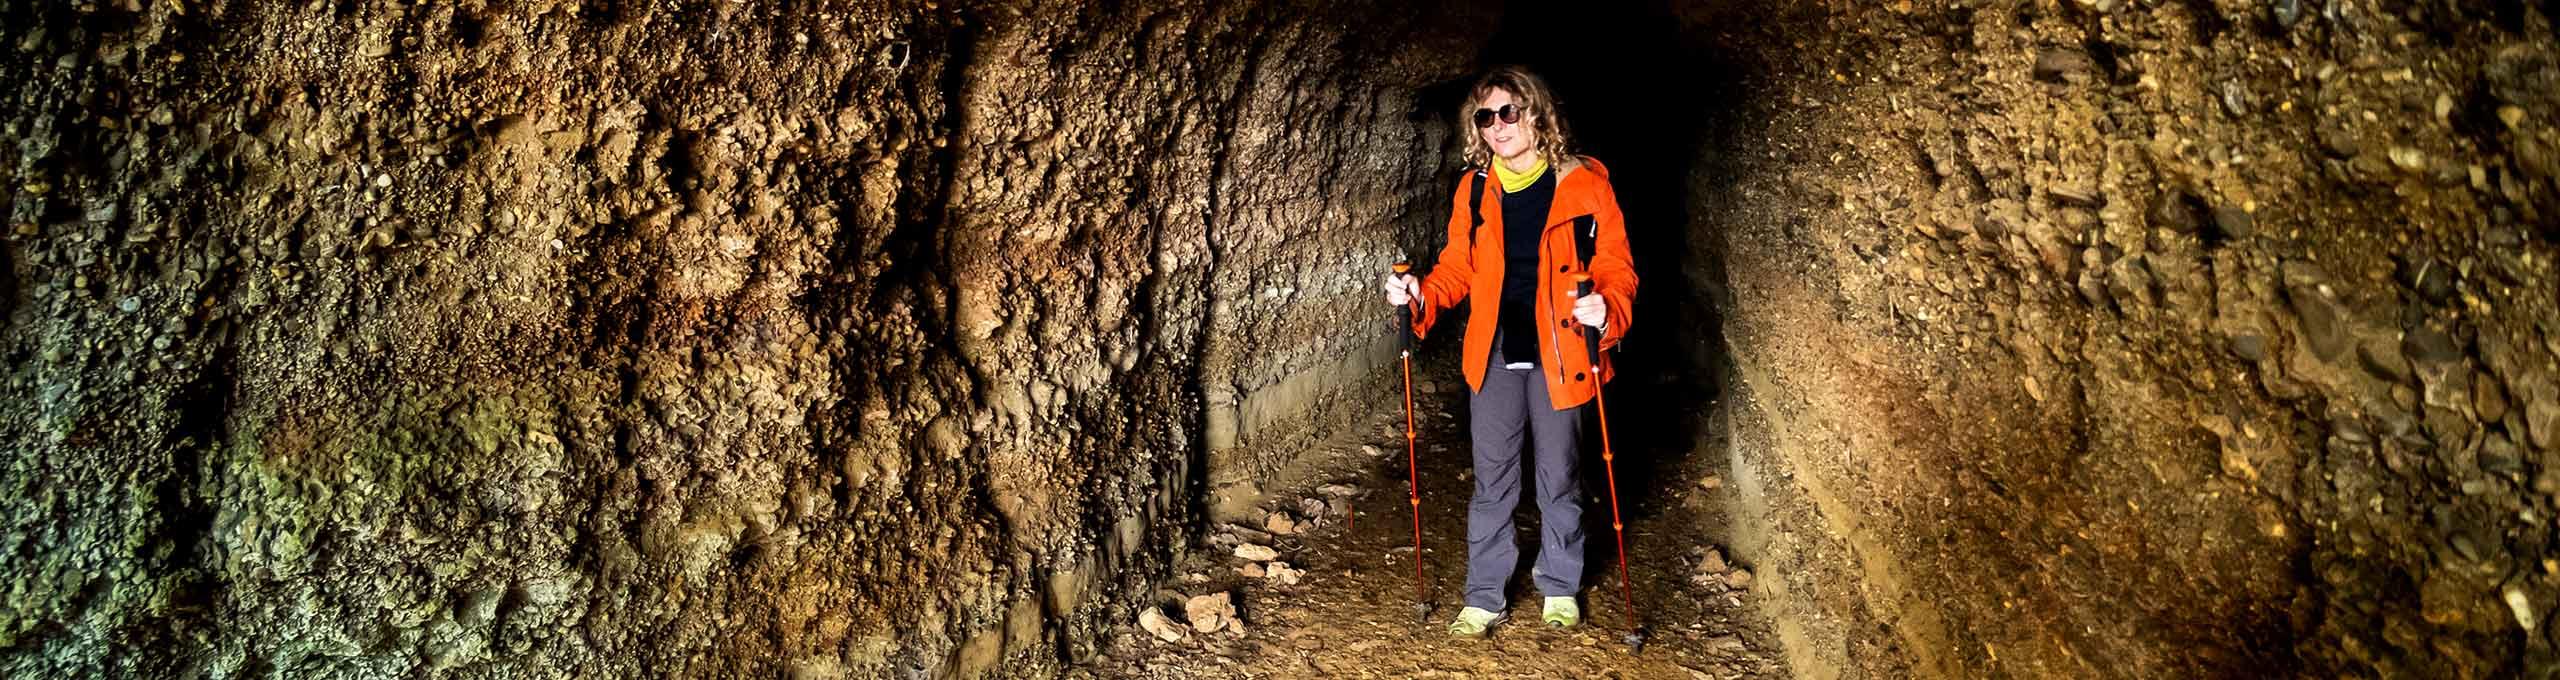 Trekking nelle grotte naturali del bosco di Montescudaio